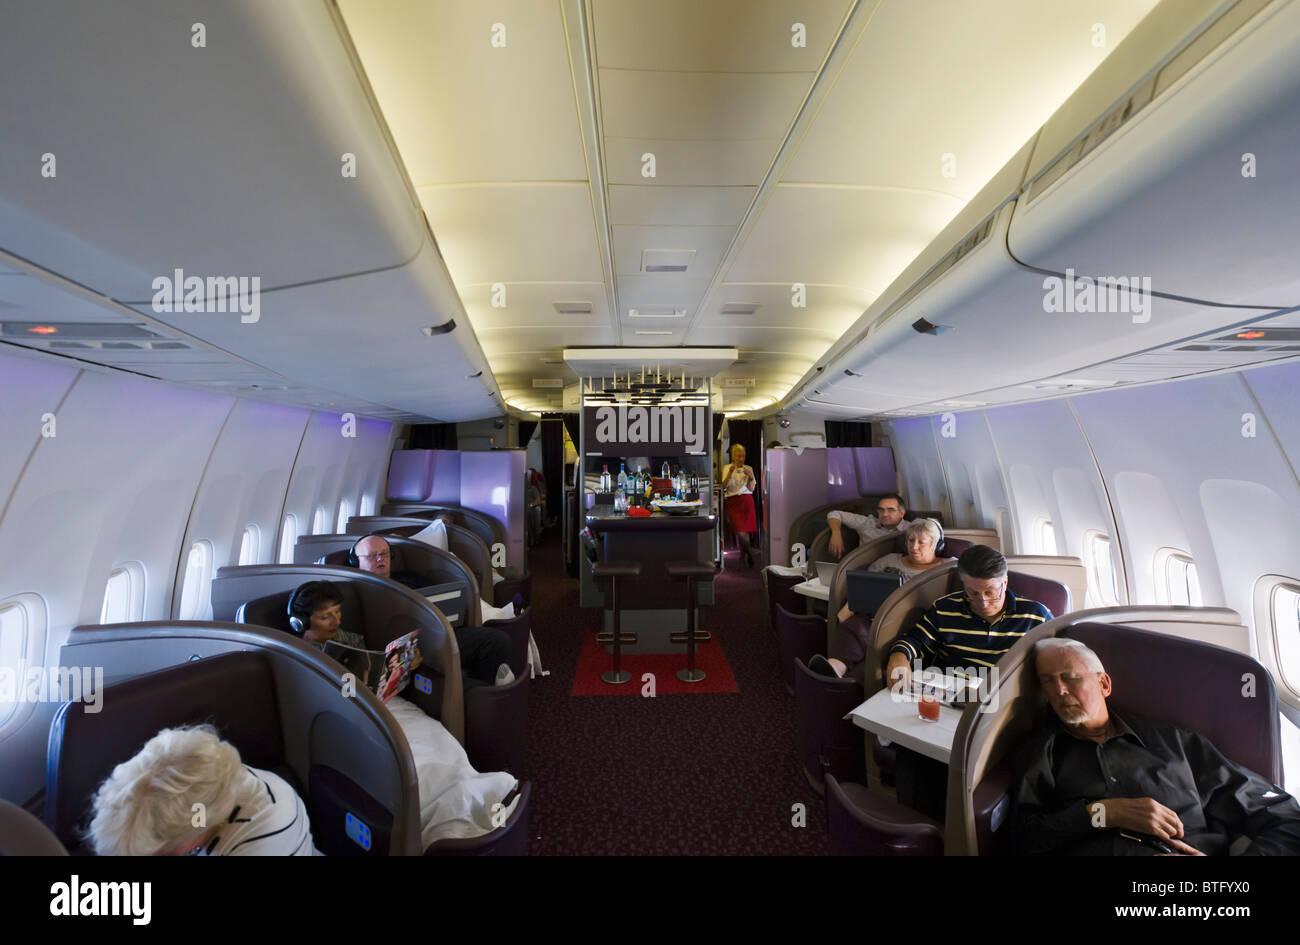 Classe superiore cabina su un Virgin Atlantic Airways Boeing 747-400 battenti fuori di Manchester, Regno Unito ad Immagini Stock